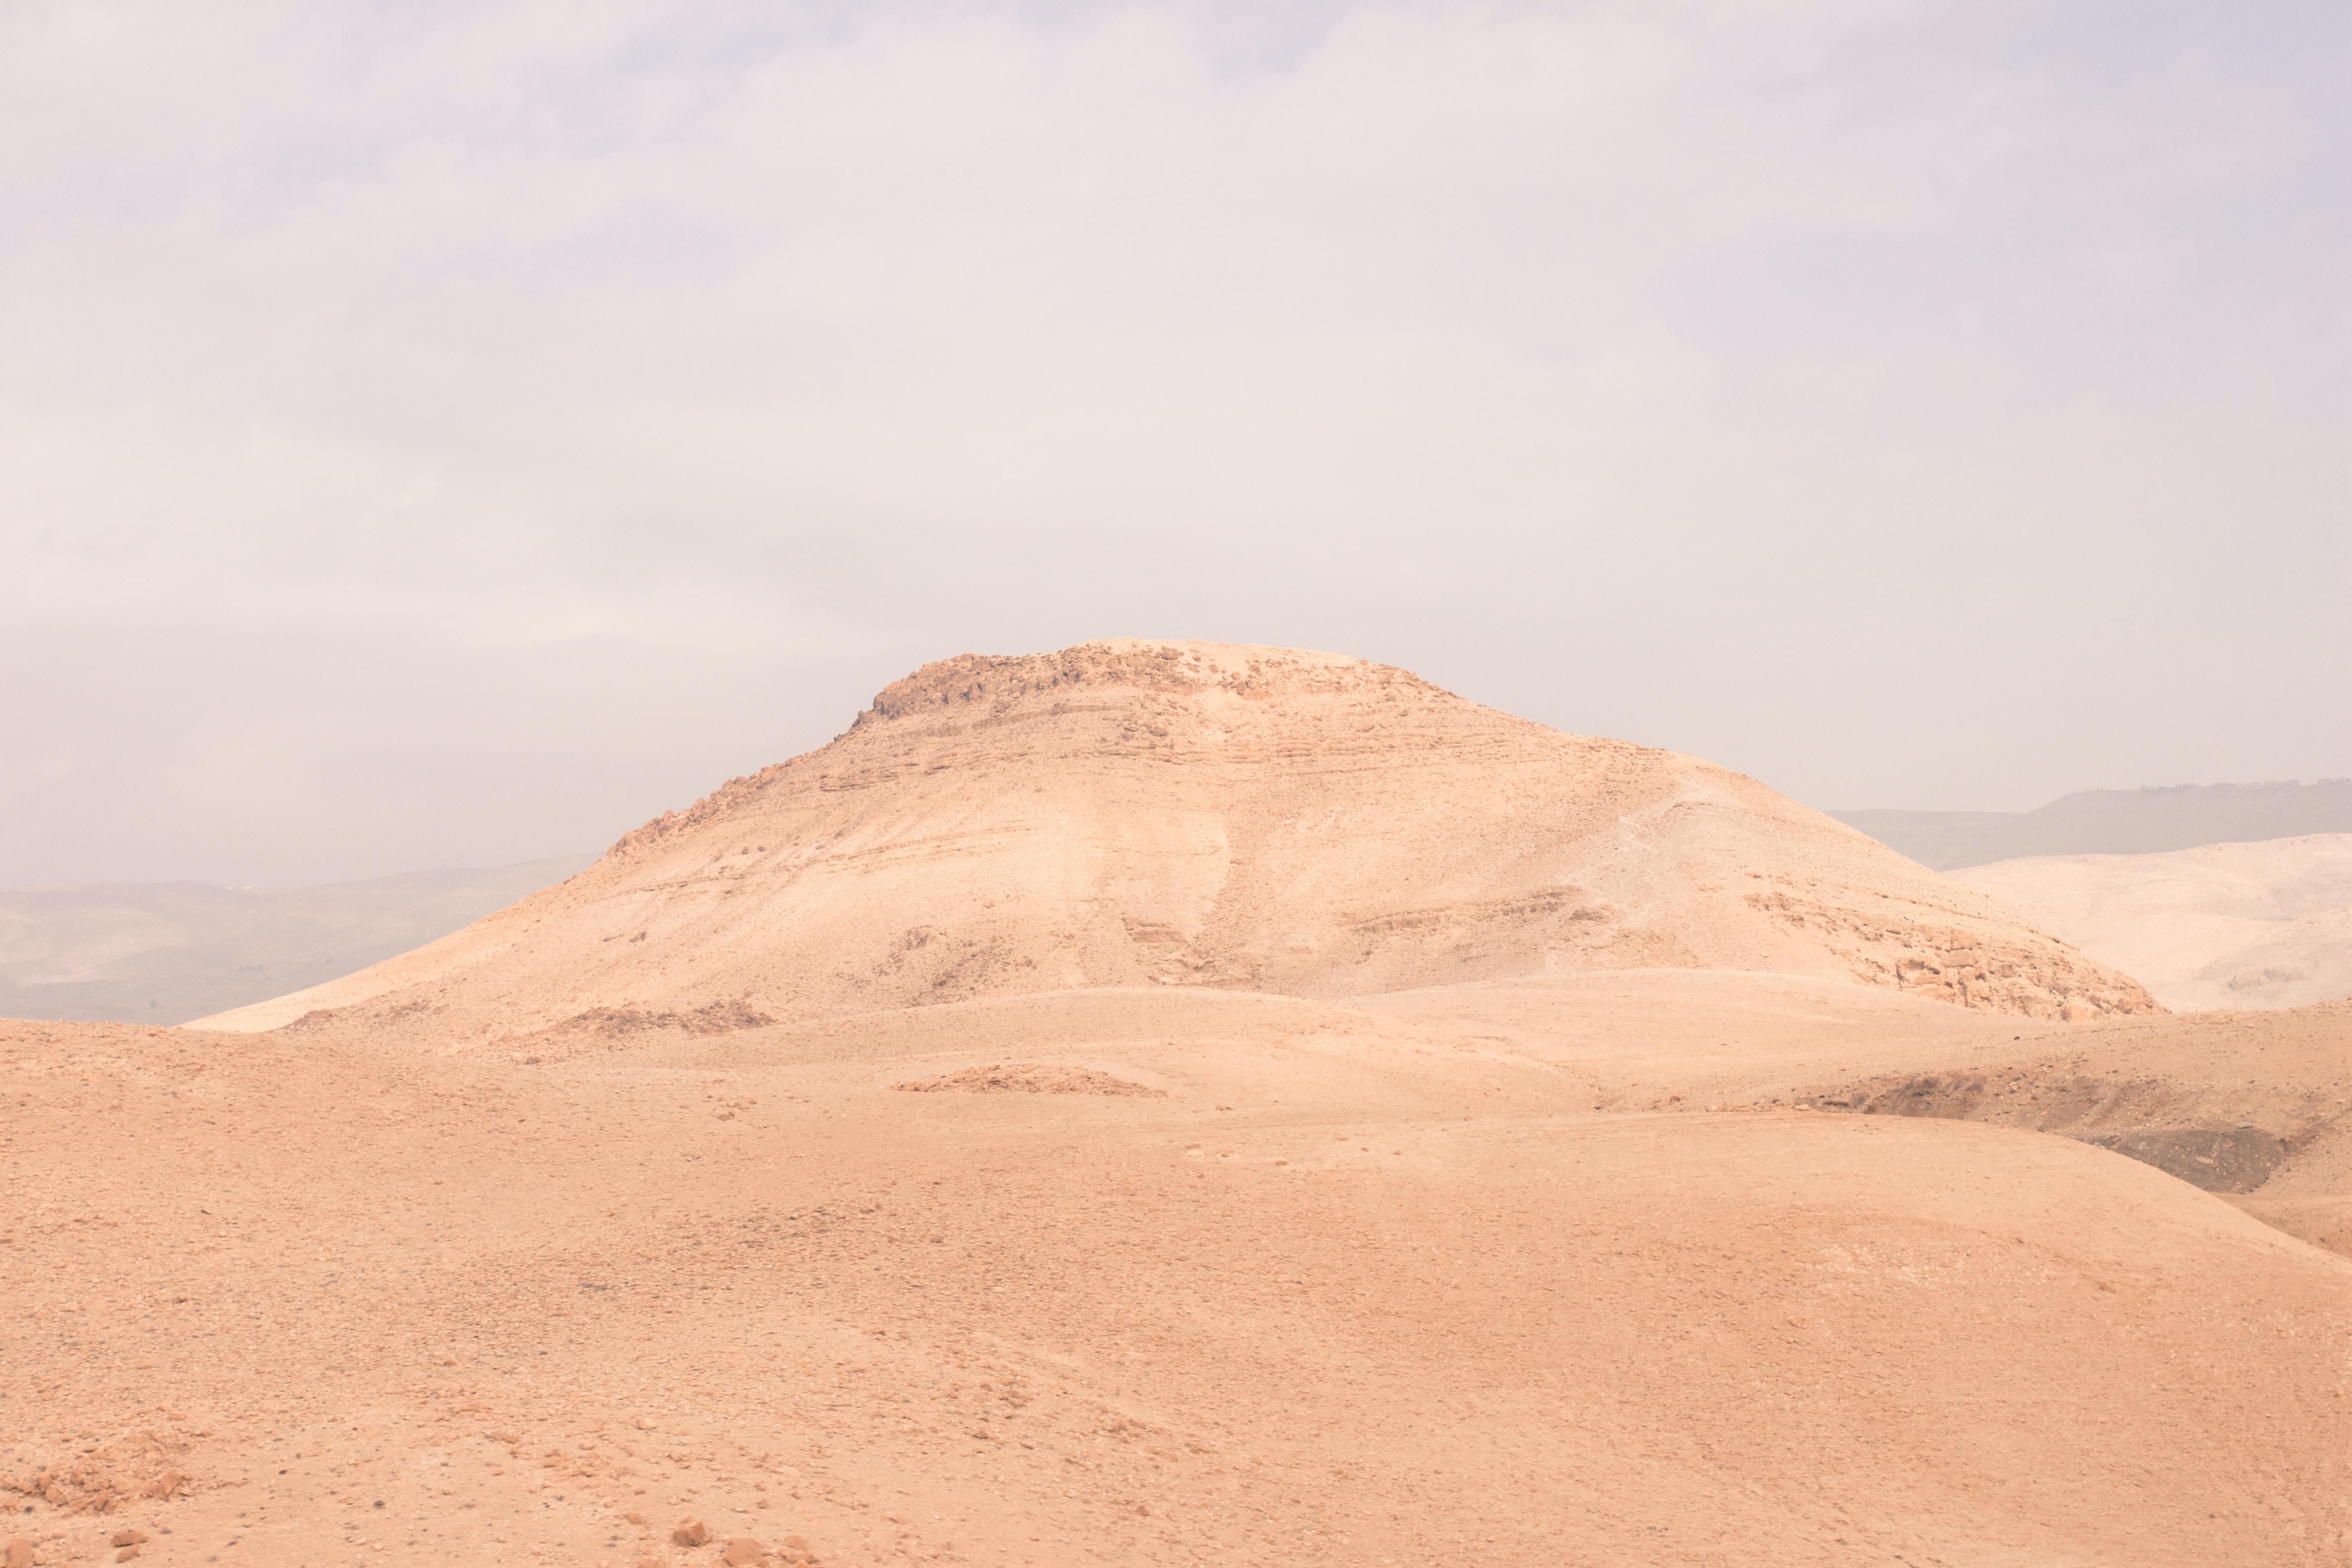 White sand formations in the desert of Jordan